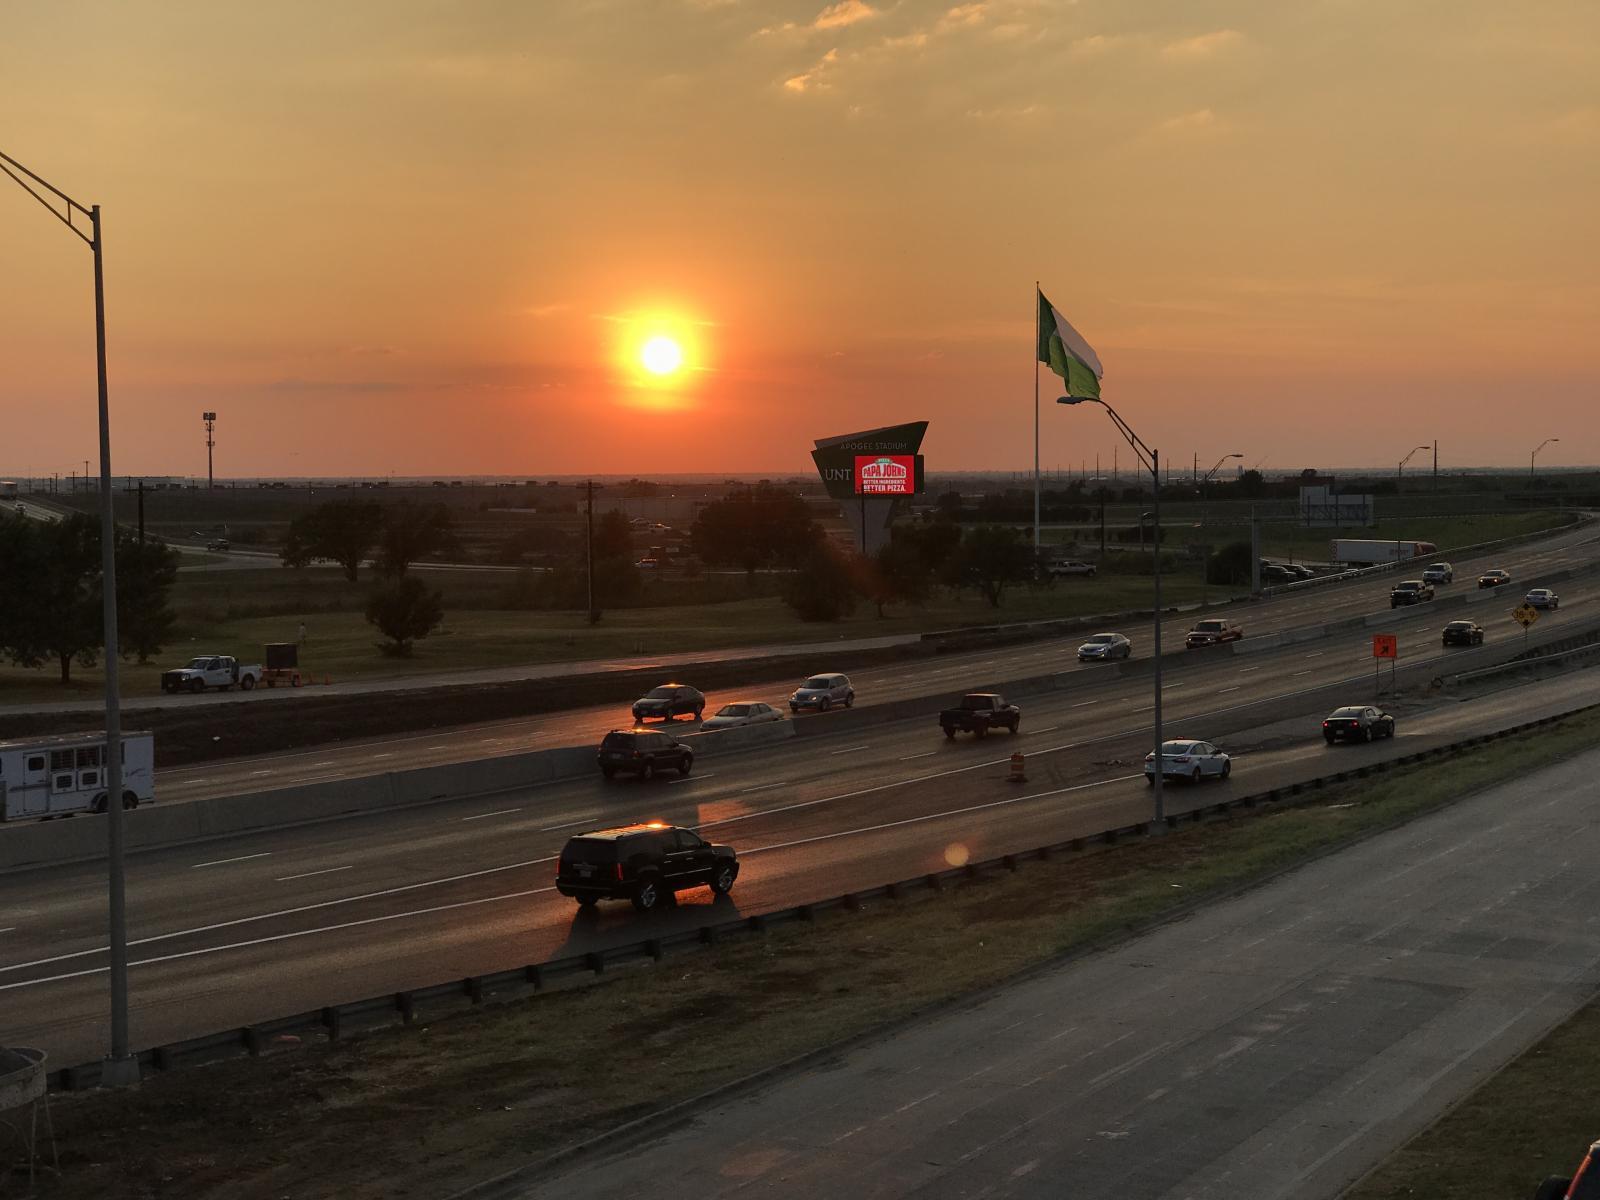 New UNT Battle Flag at Dusk